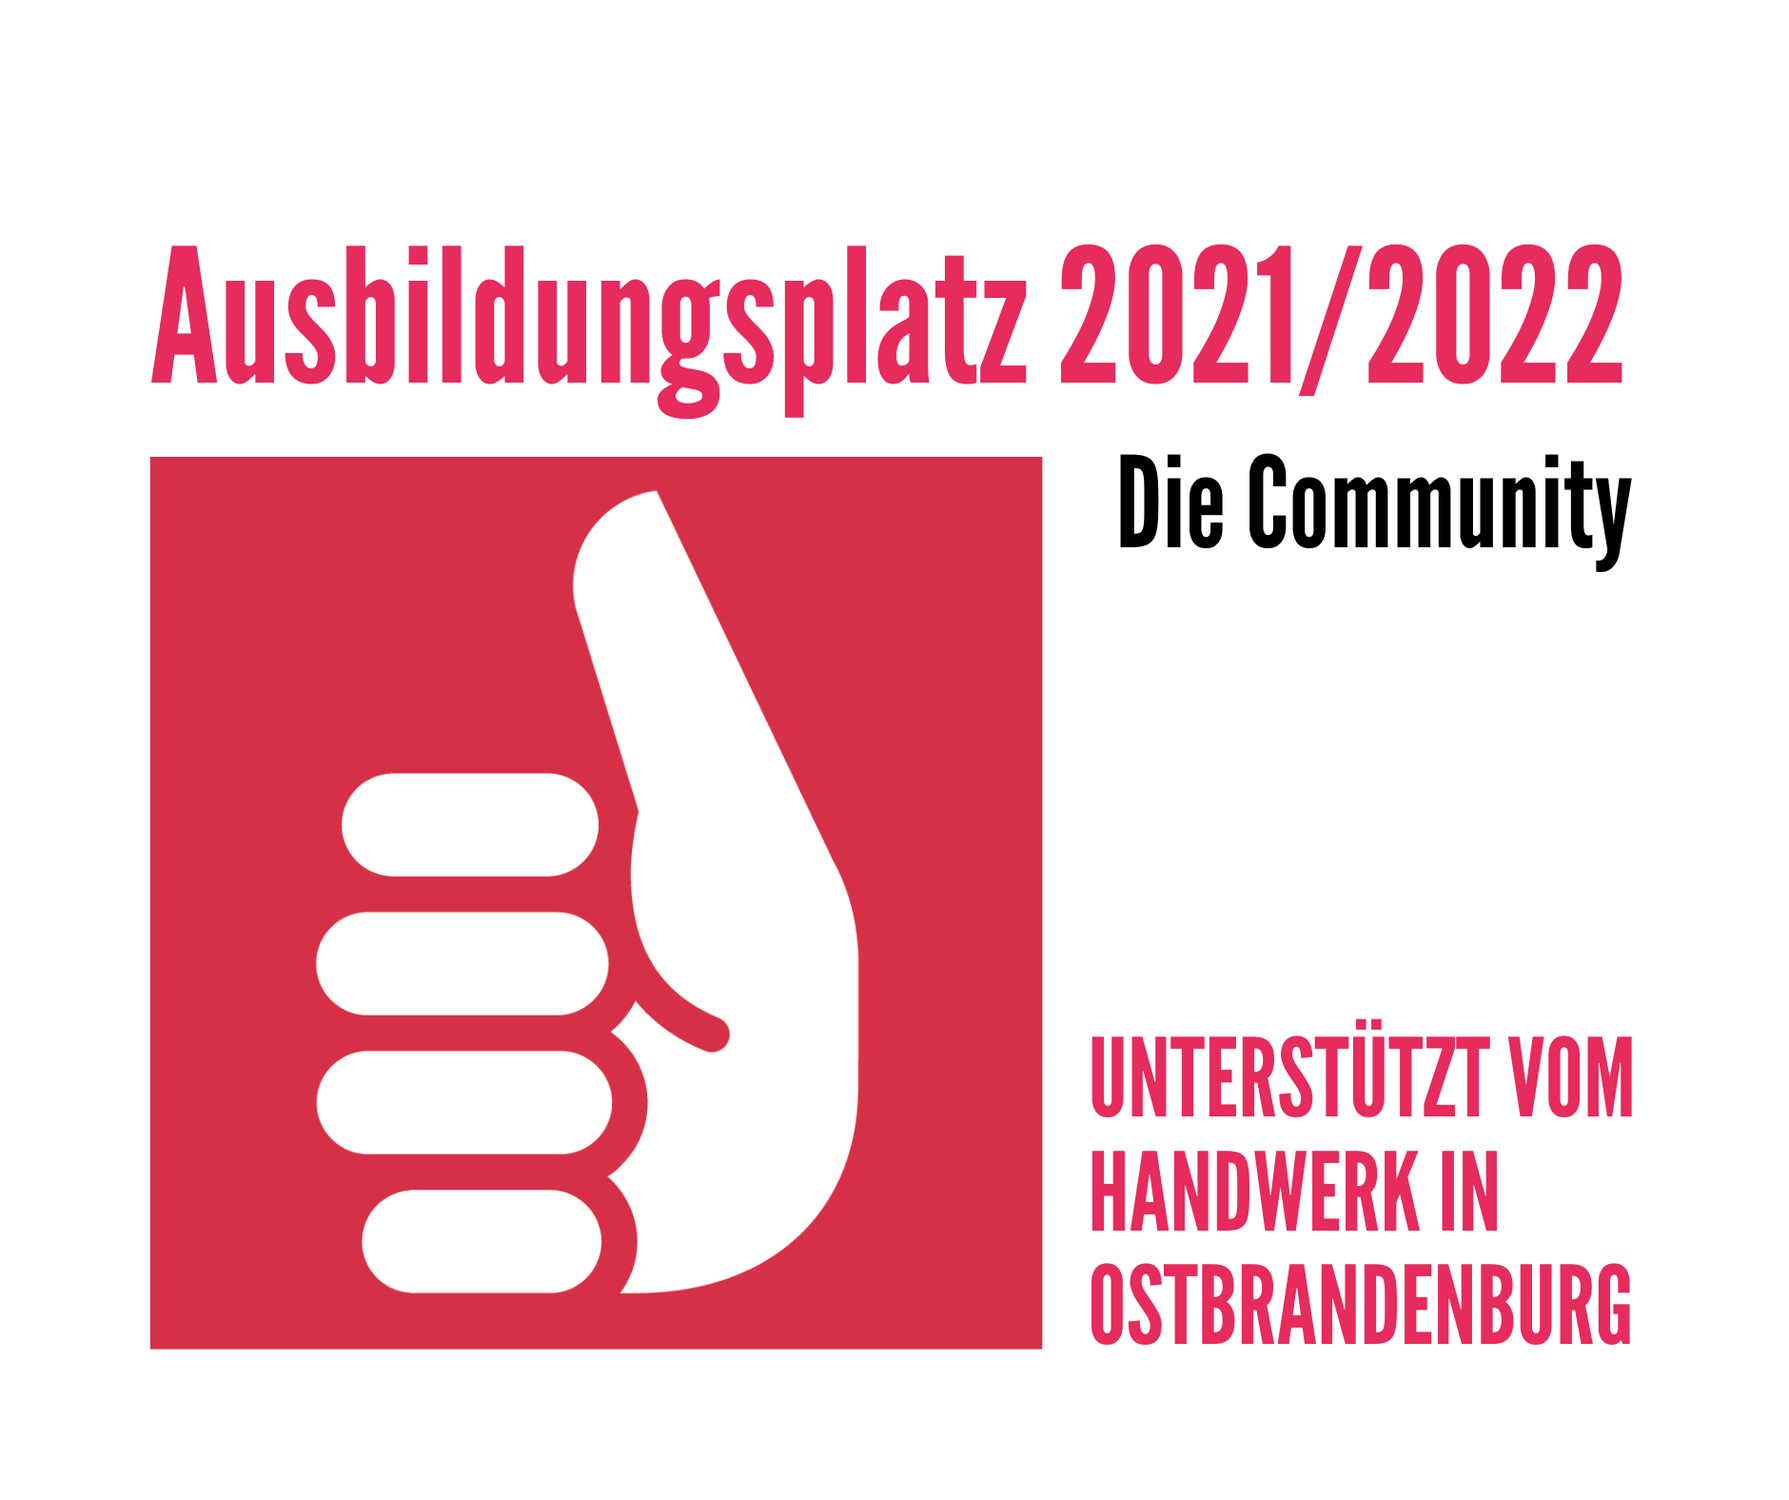 Brandenburger Handwerkskammern neuer Partner